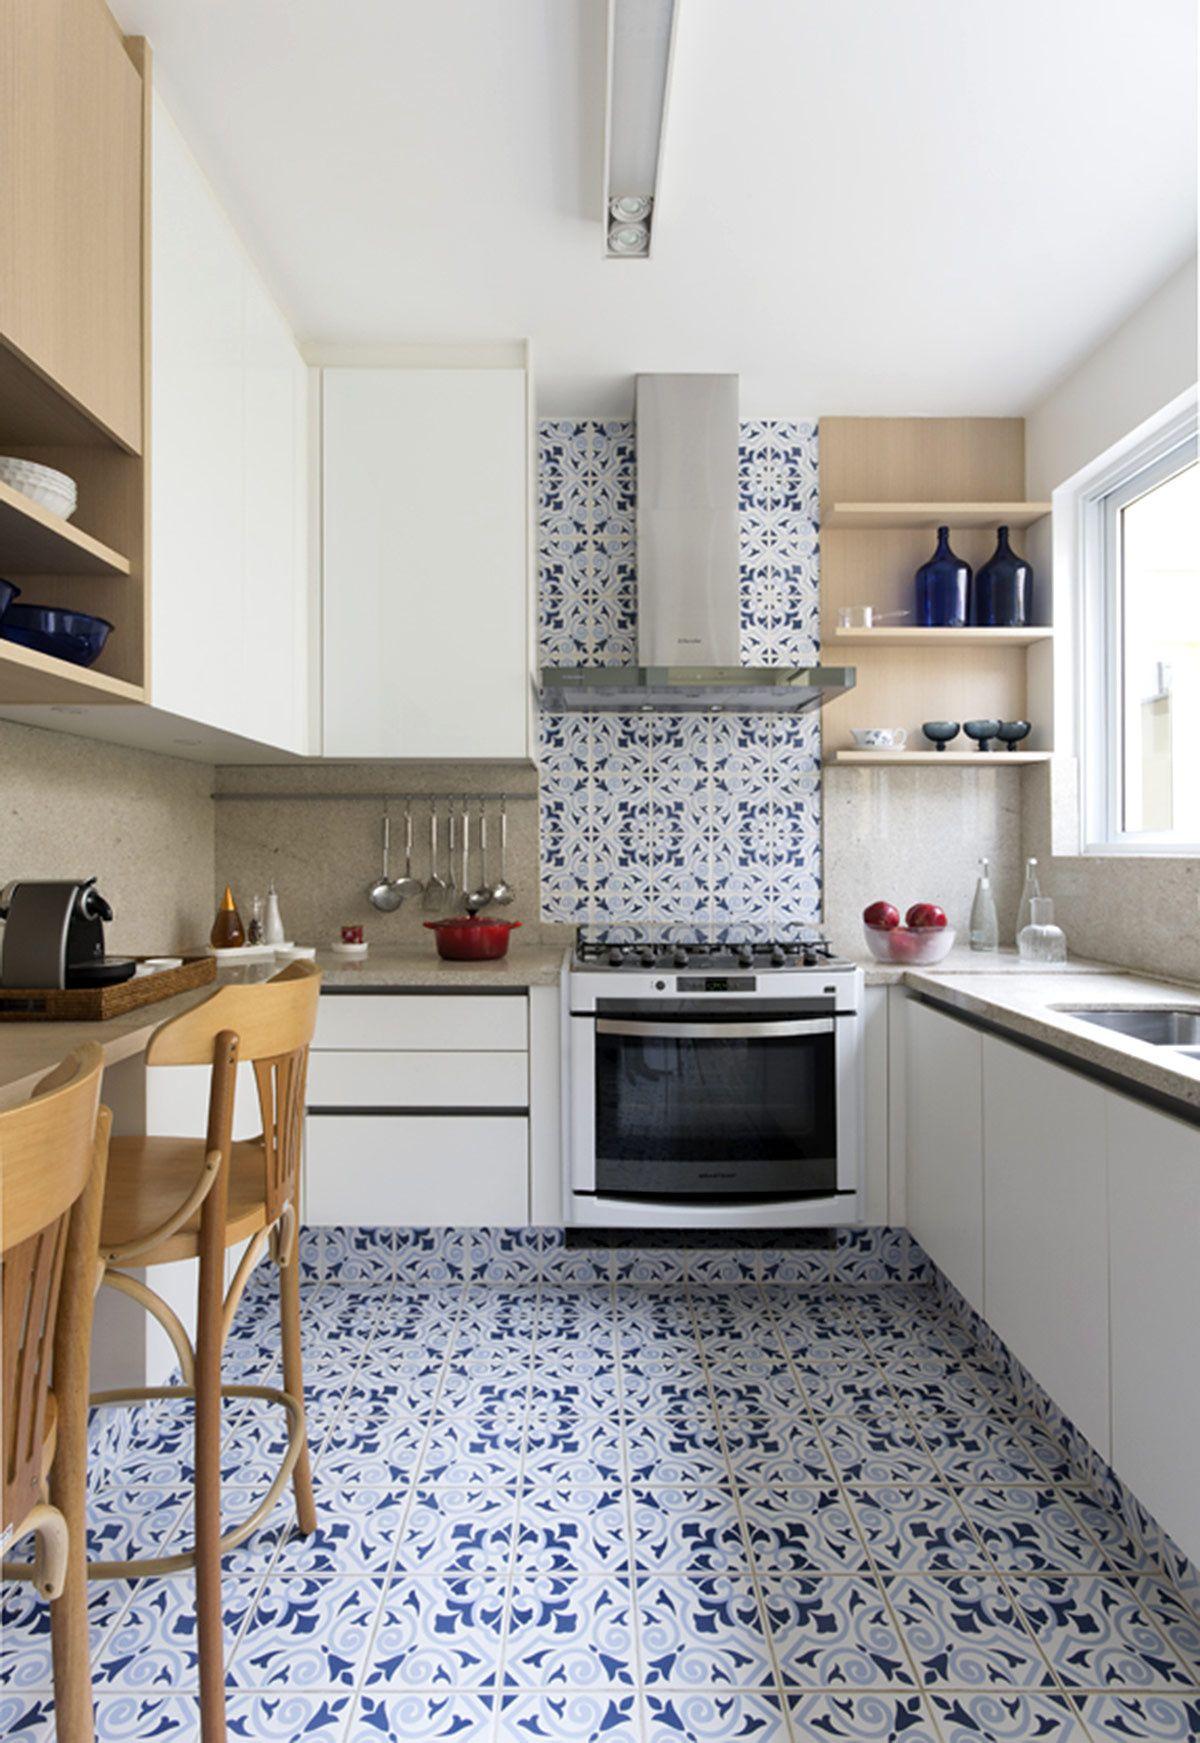 Casa brasilea por Diego Revollo Kitchen DiningKitchen